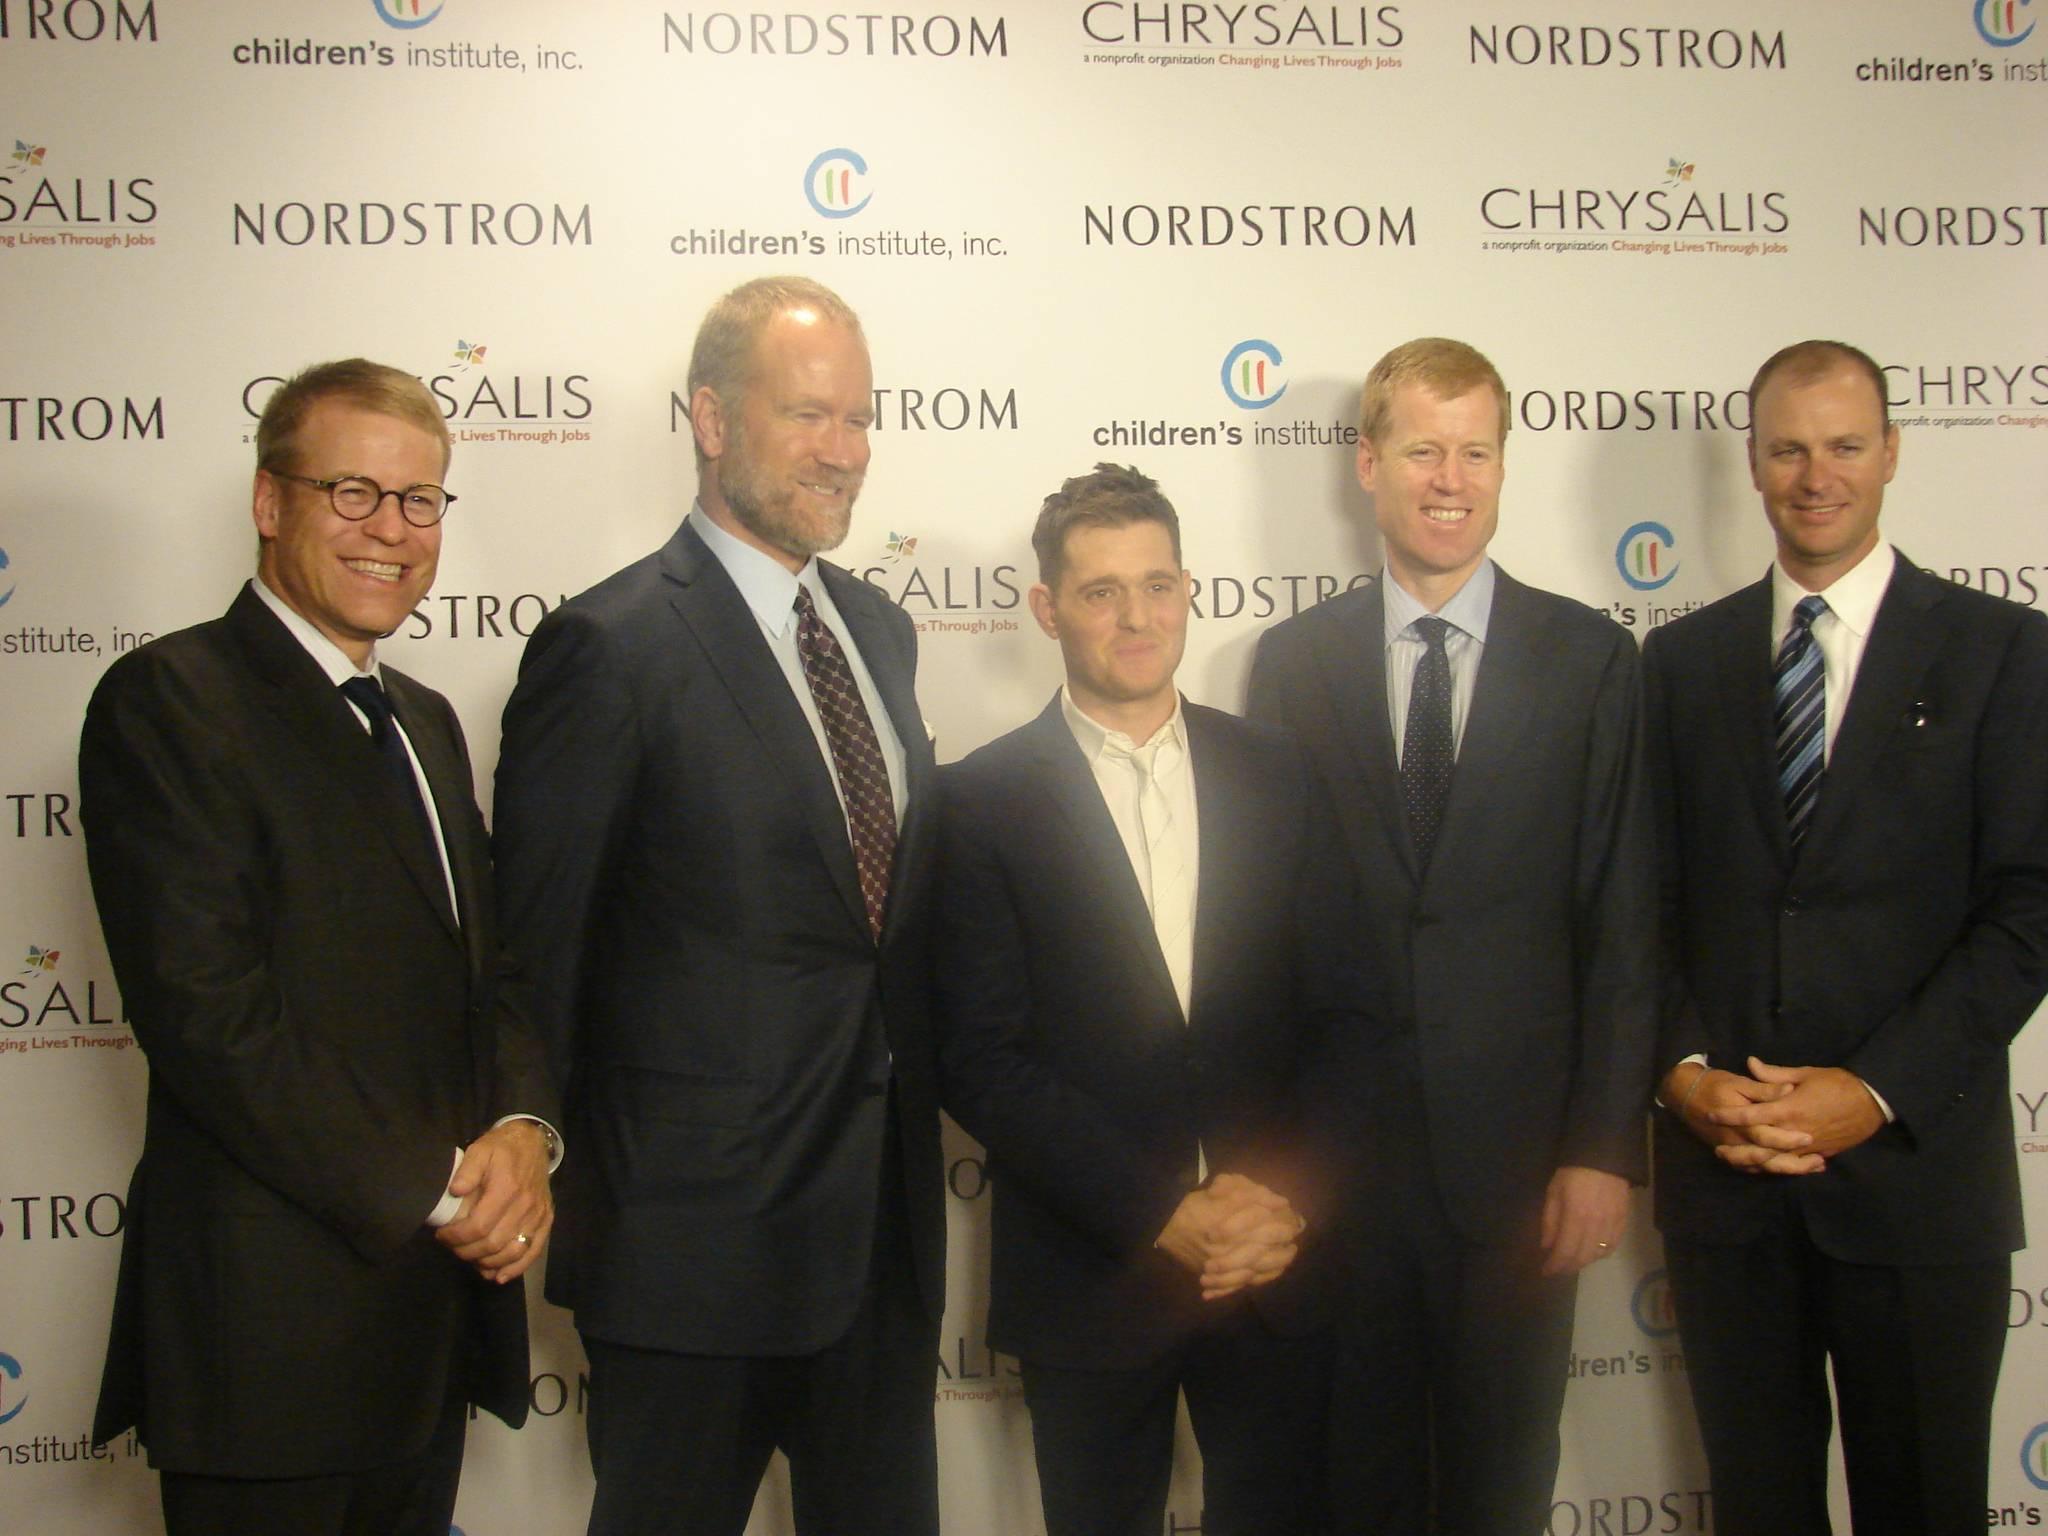 nordstrom family ... )